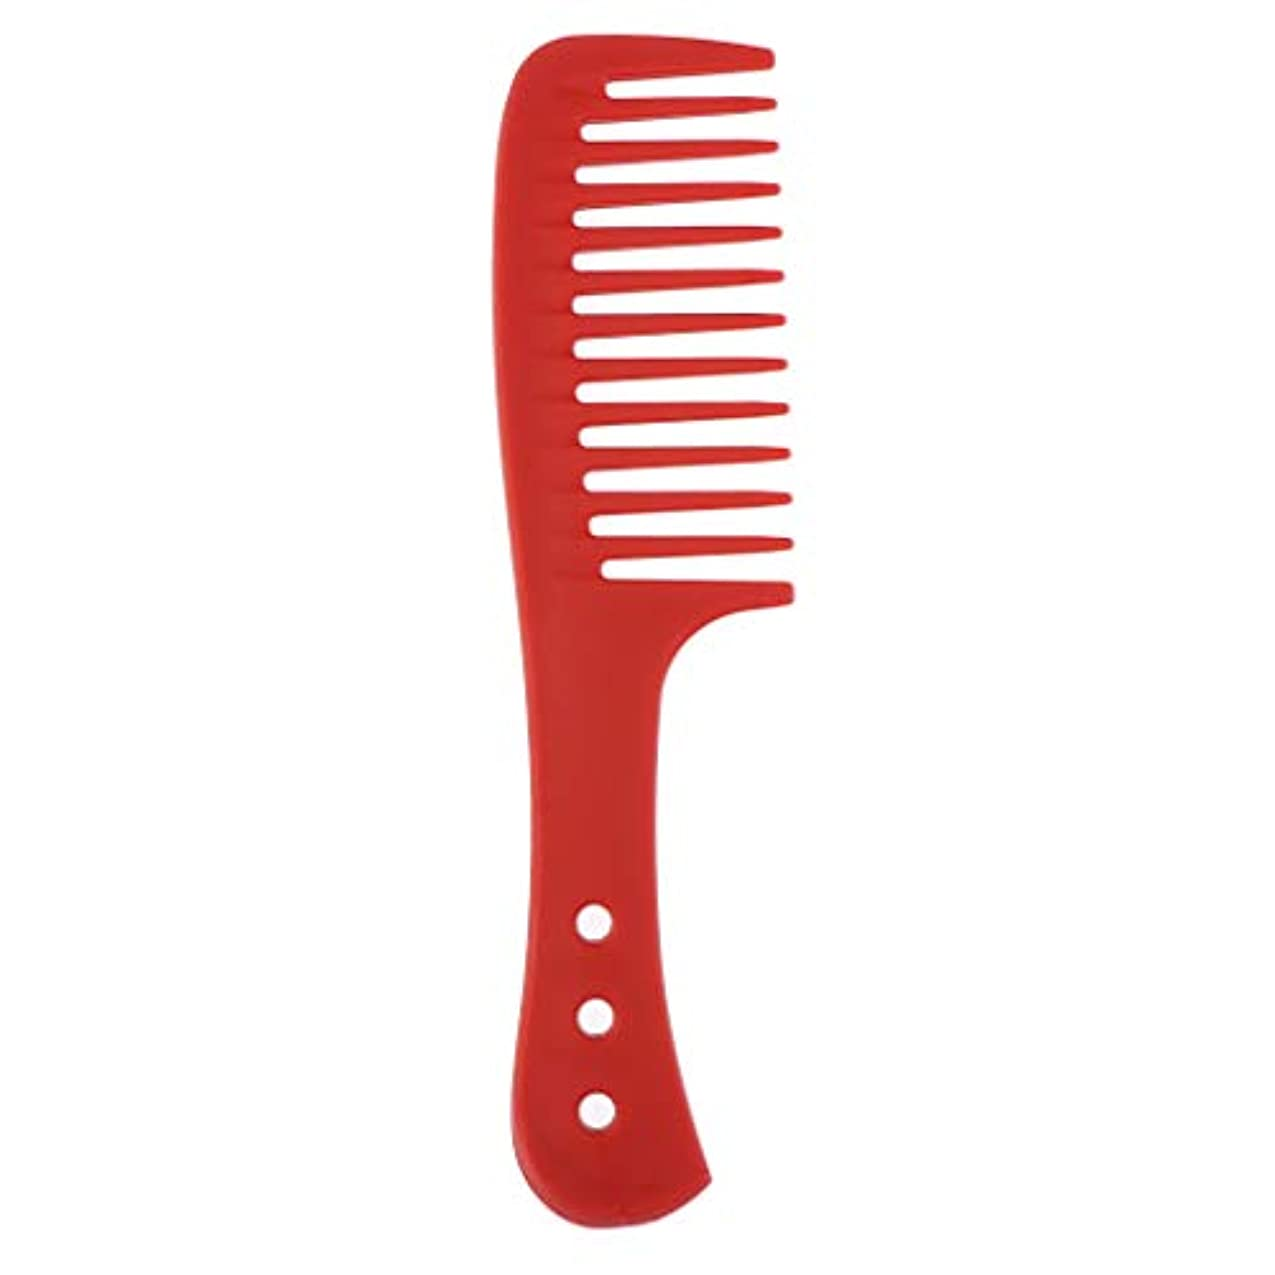 ポータブル理髪広い歯の櫛巻き毛のDetangler頭皮マッサージブラシ - 赤